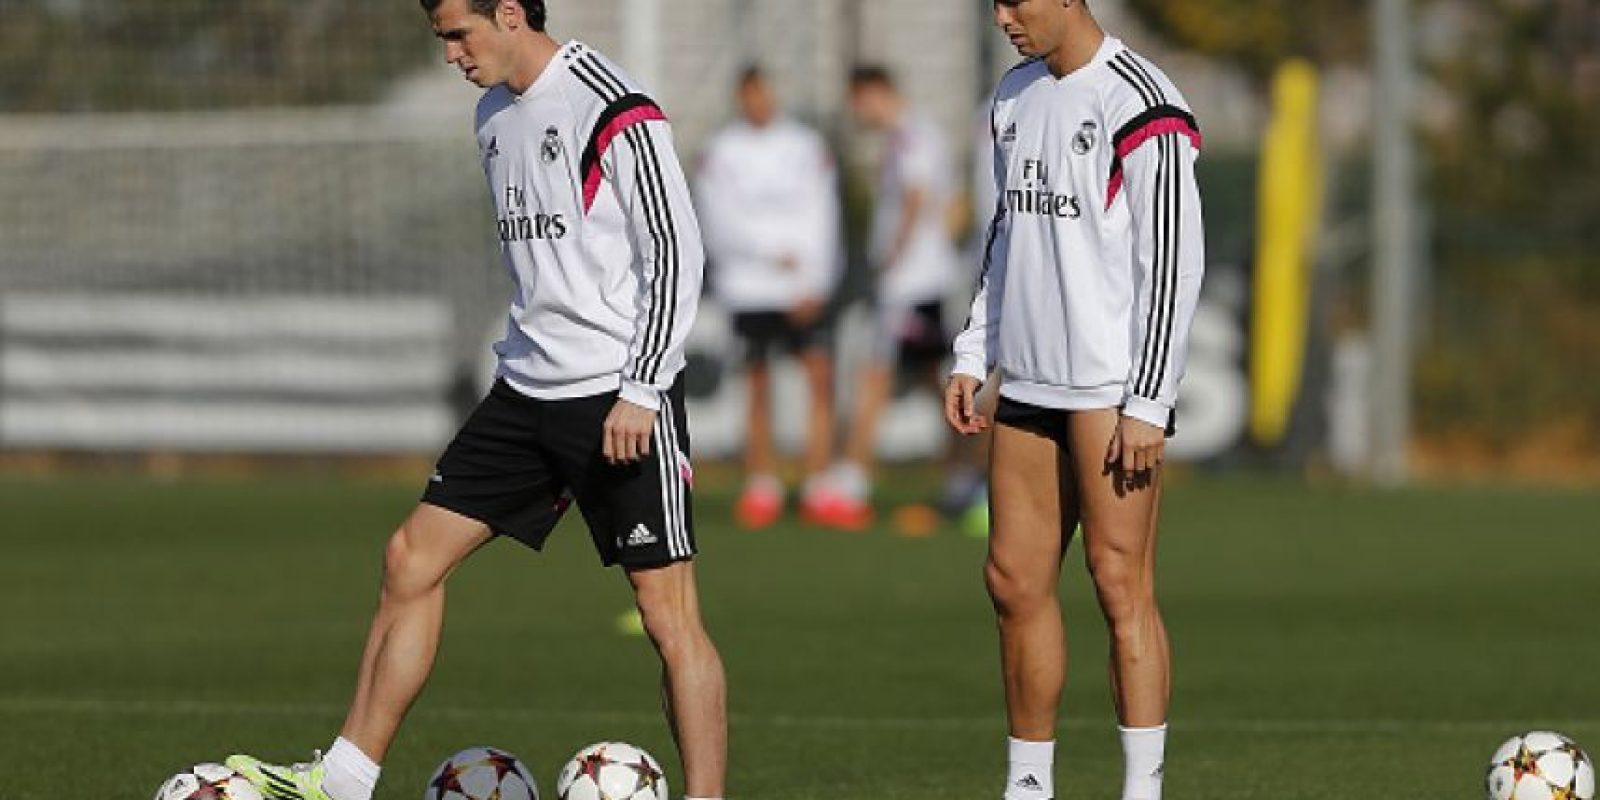 En Europa aseguran que Manchester United y Chelsea preparan grandes ofertas para fichar a Bale. Foto:Getty Images